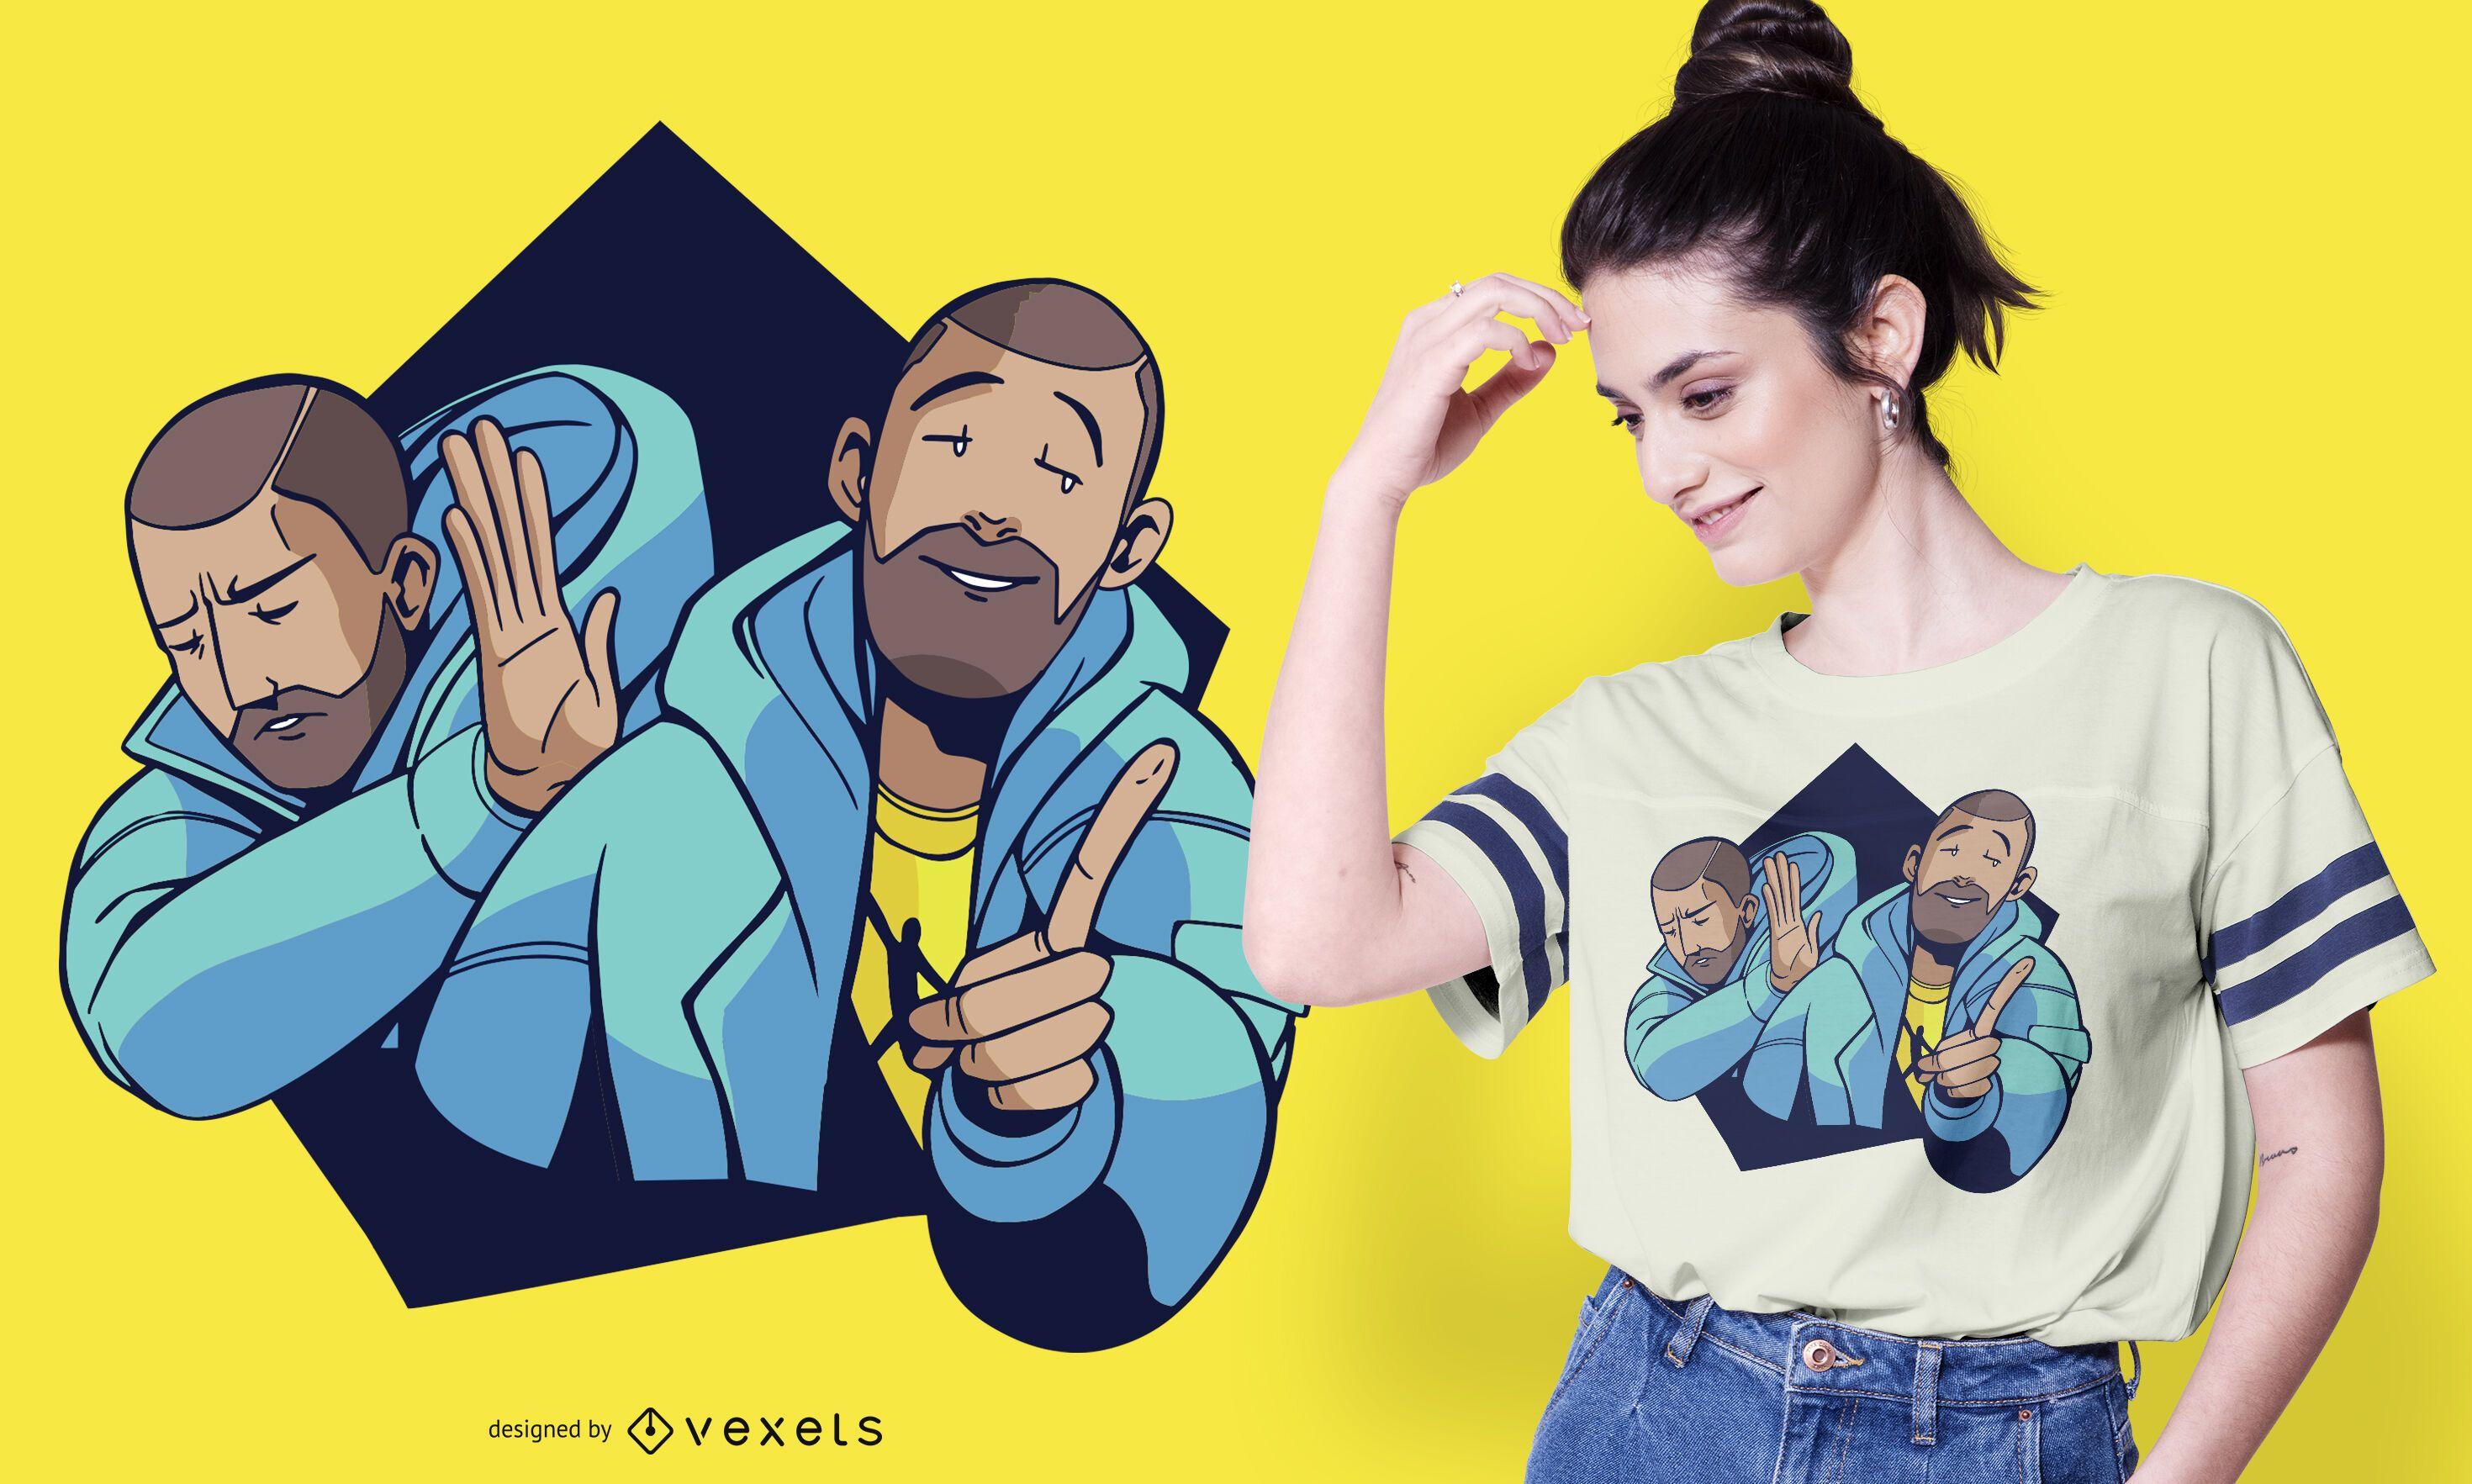 Hotline dance meme t-shirt design